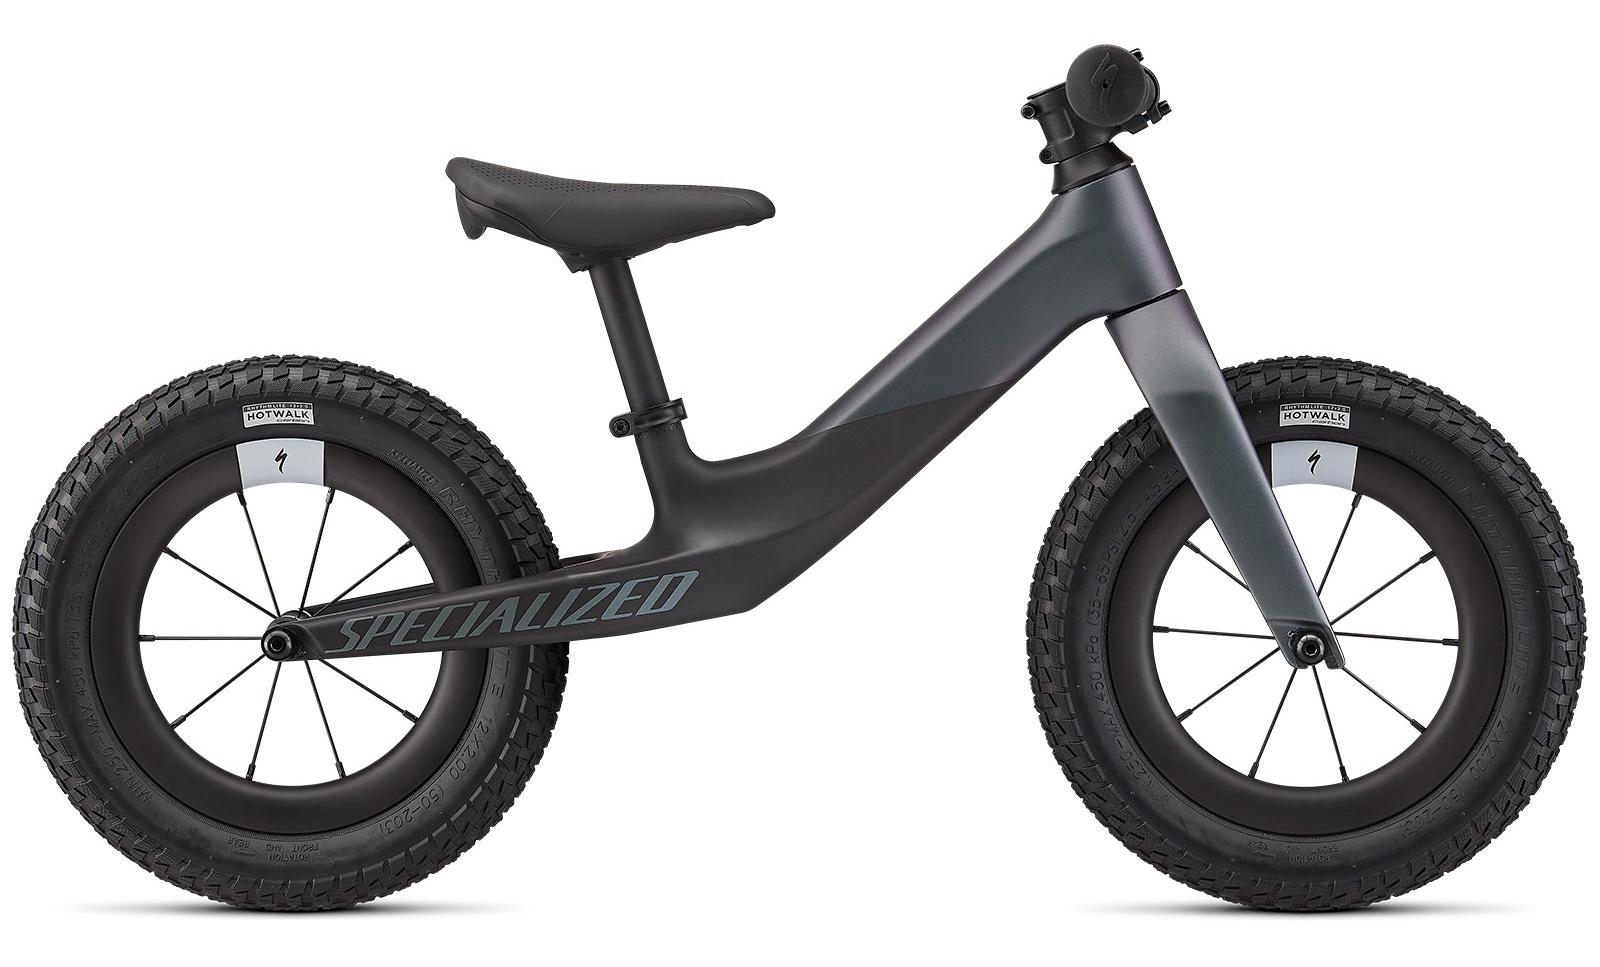 La bici più leggera di Specialized costa solo $ 999 – Presentazione della Hotwalk Carbon